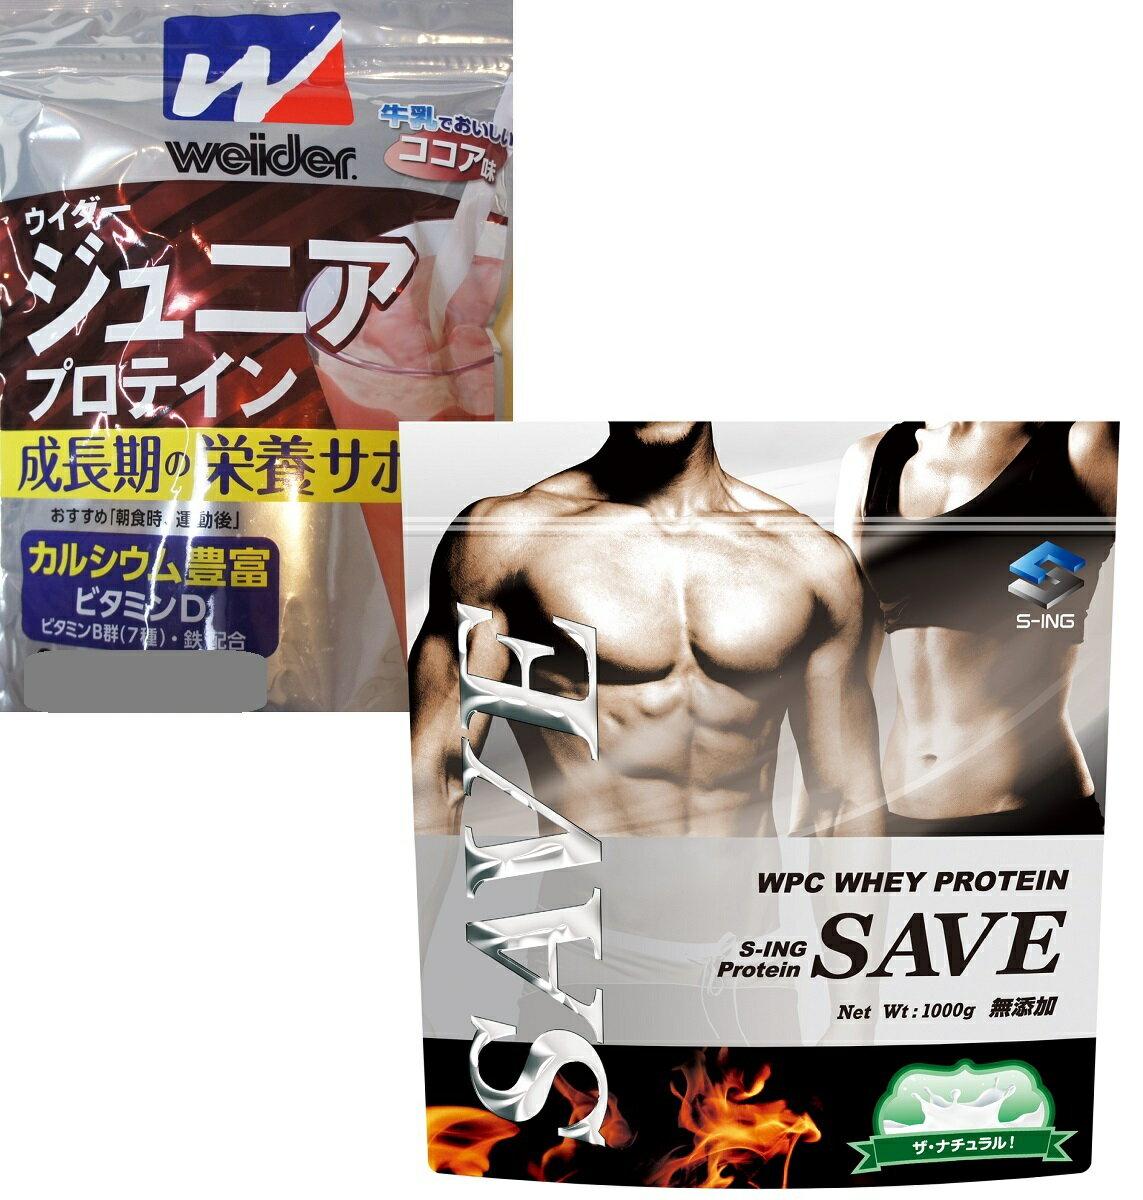 【送料無料】【2袋セット】SAVE プロテイン ザ・ナチュラル!(1kg)+ ウイダー ジュニアプロテイン ココア味 980g森永製菓